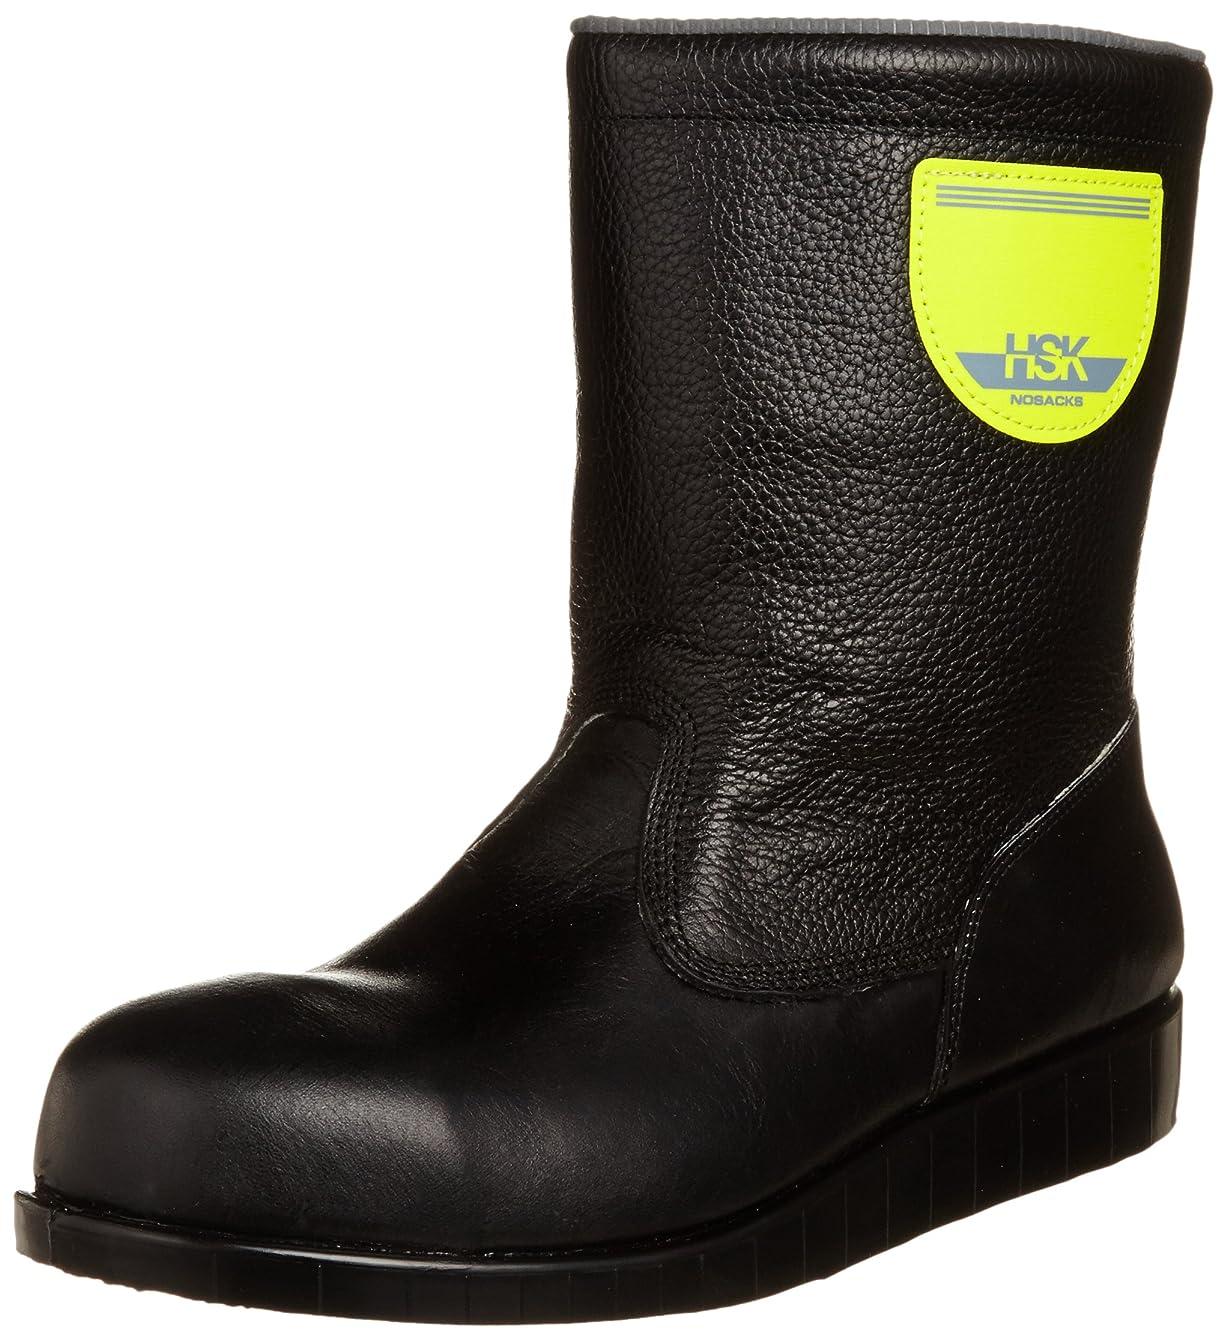 不足あいまい砲撃[ノサックス] 安全靴 舗装靴 HSK半長靴 JISモデル 道路舗装用 メンズ